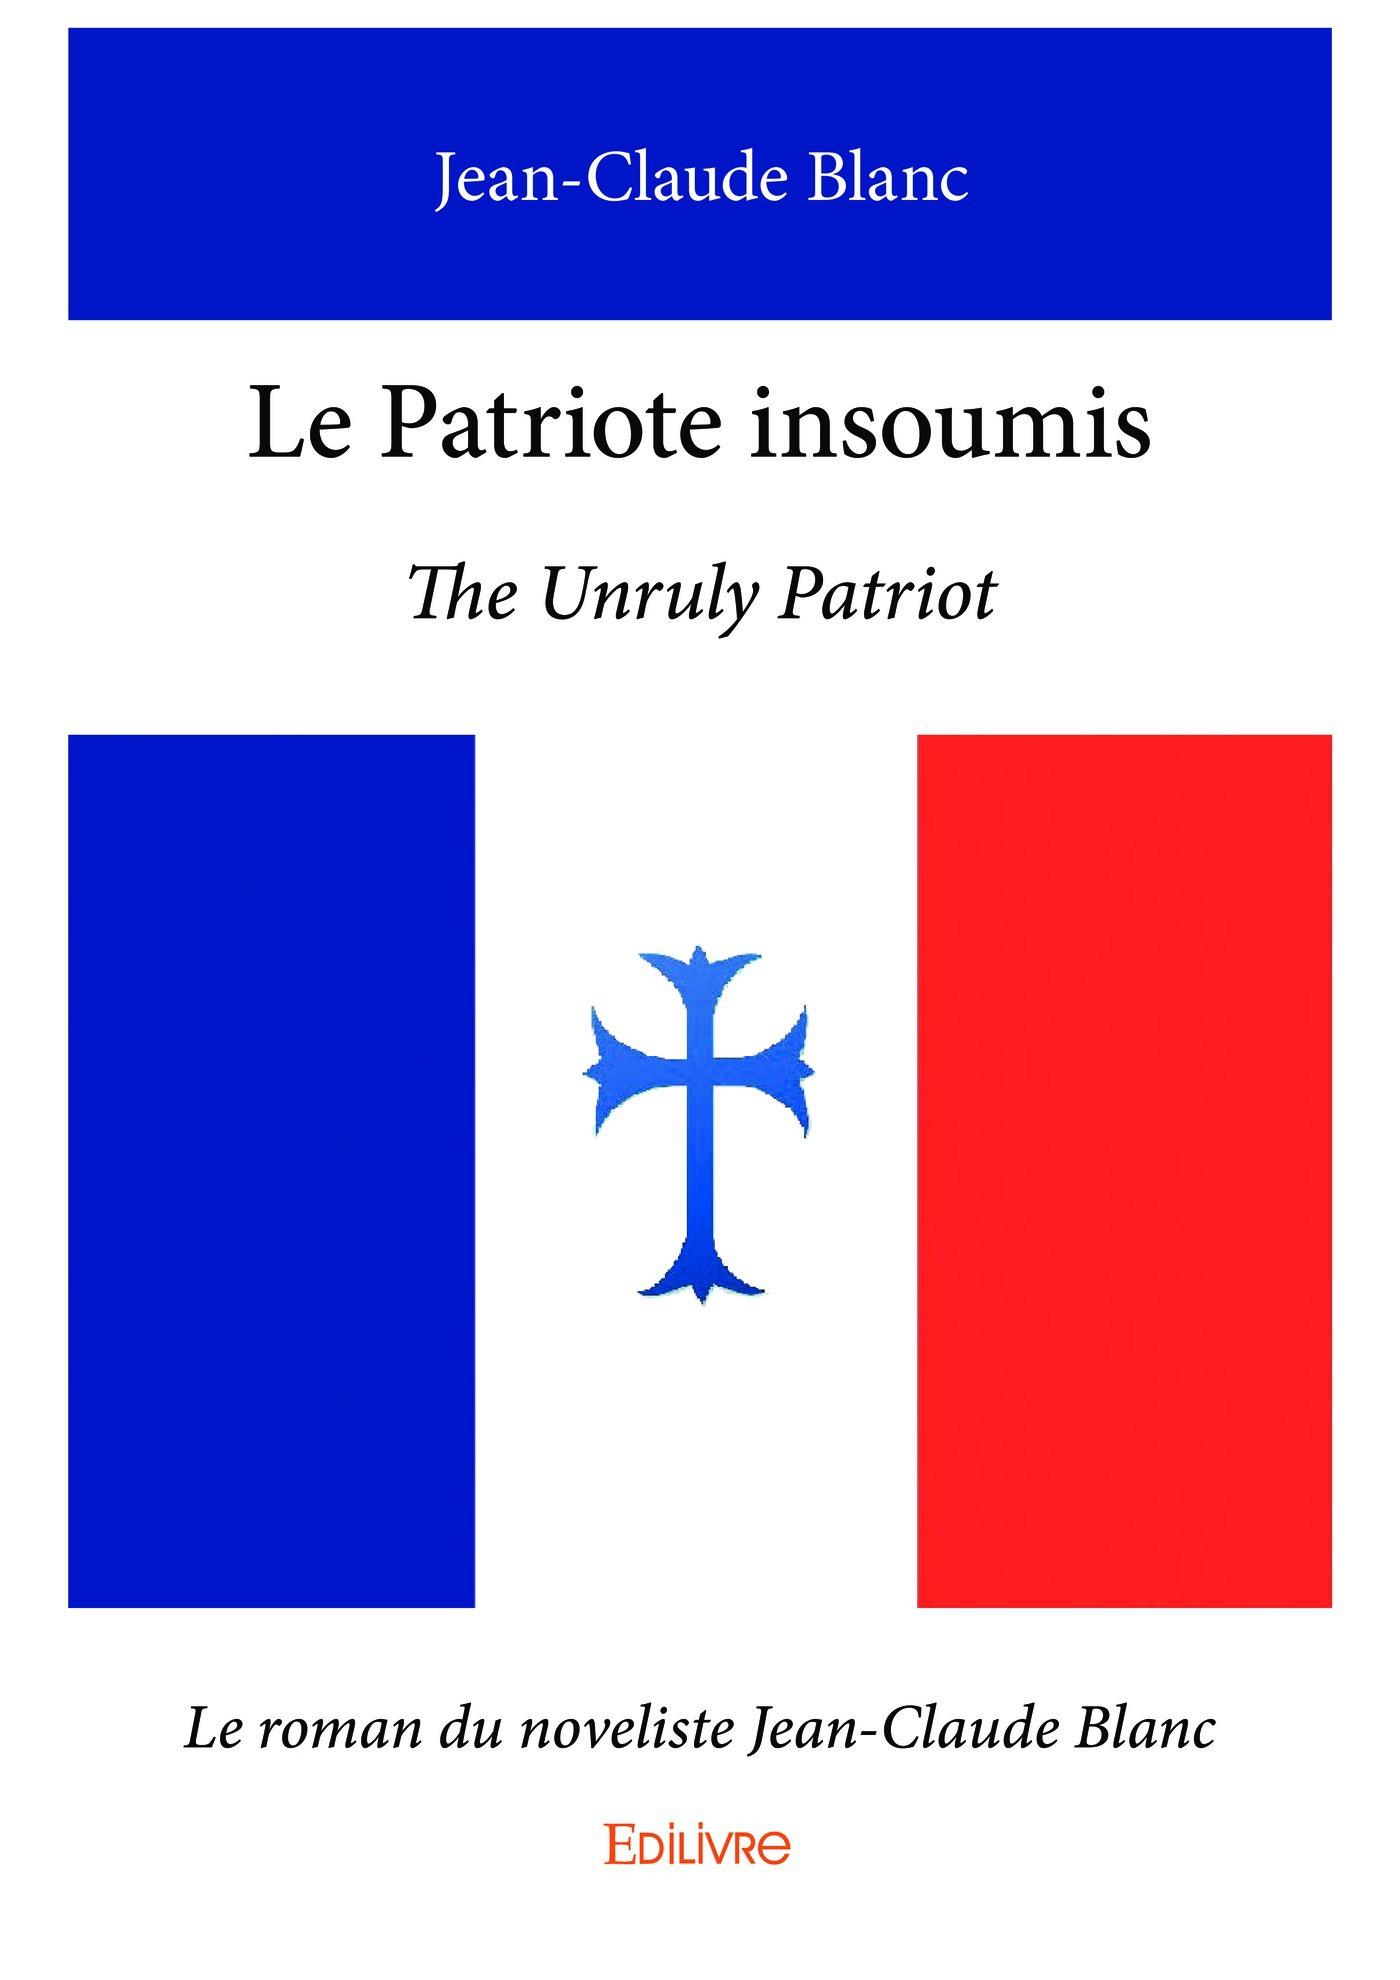 Le patriote insoumis;the unruly patriot -  le roman du noveliste jean-claude blanc